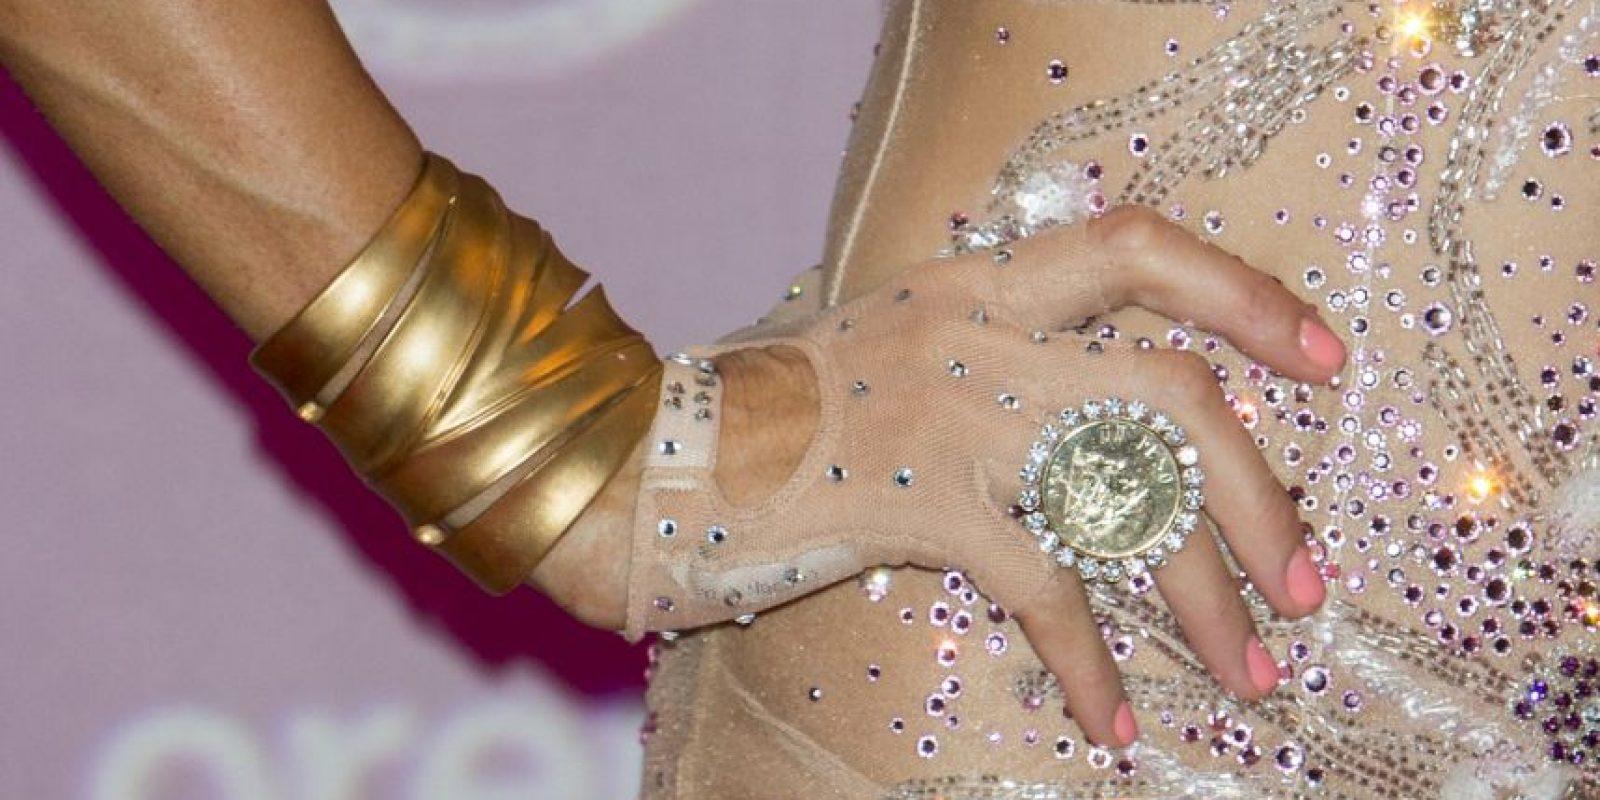 El anillo está valuado en 350 mil dólares. Foto:Getty Images